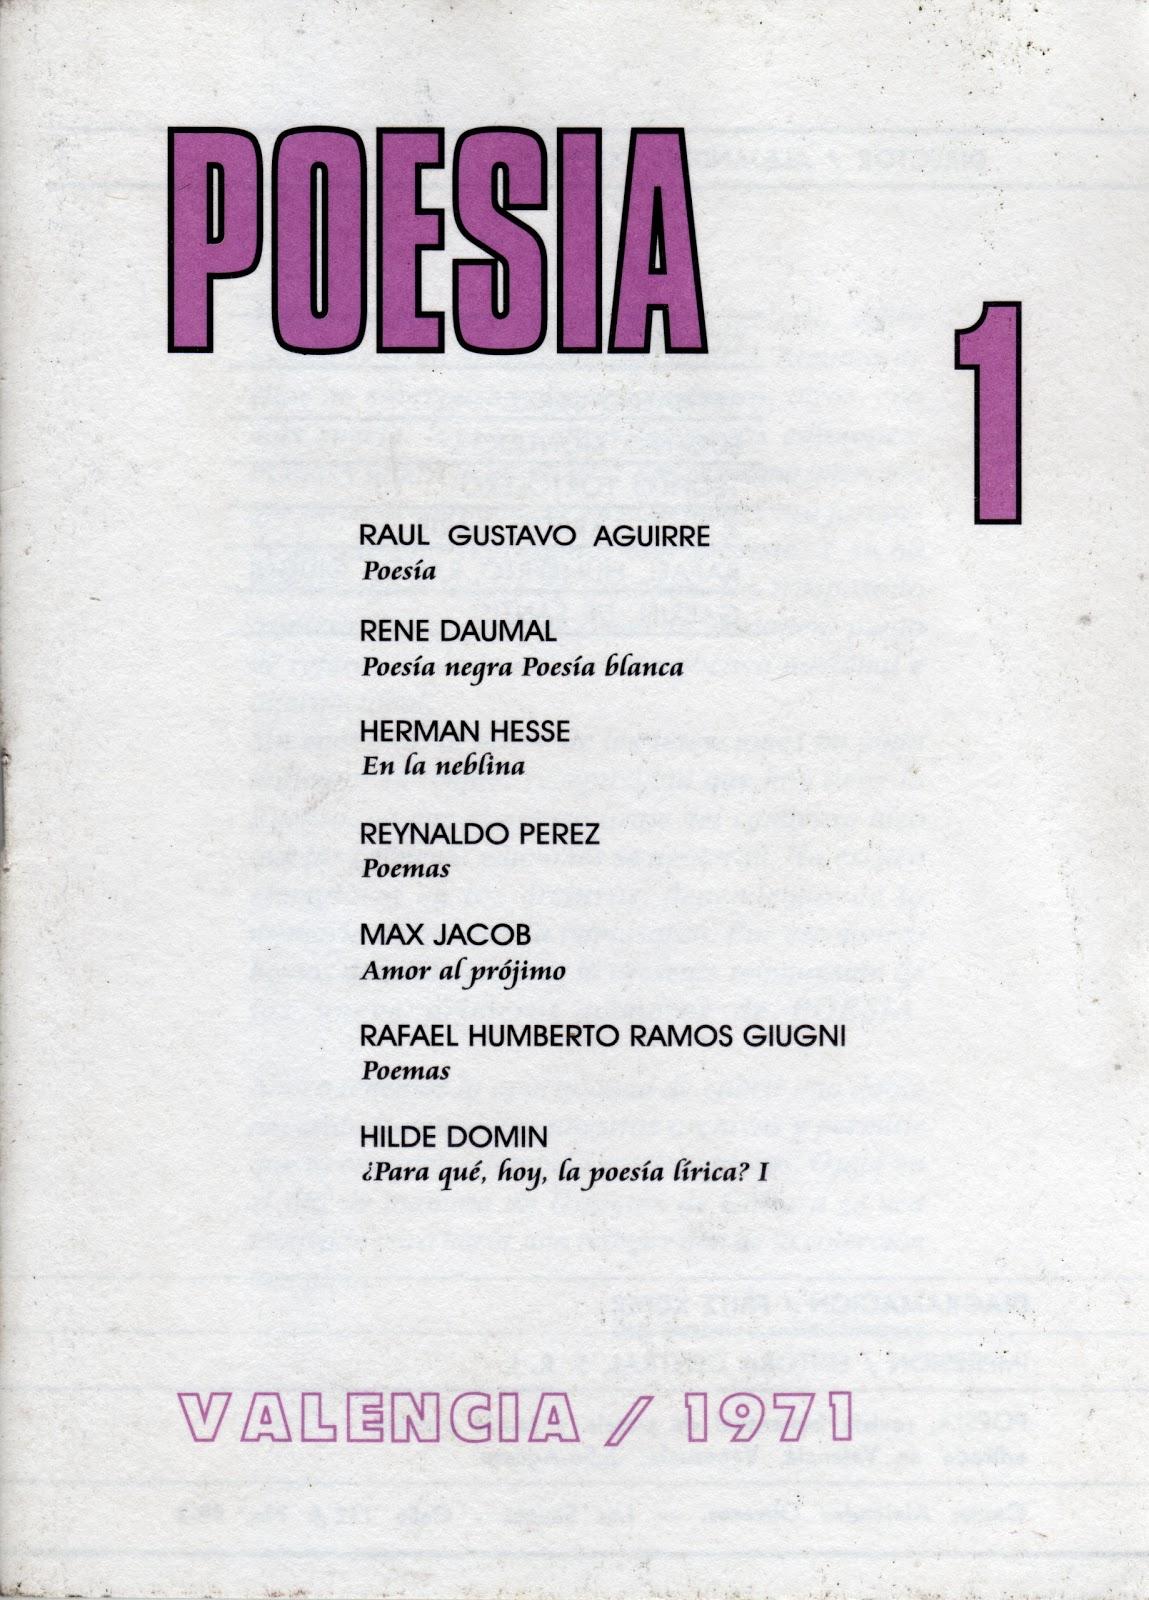 """DE LA REVISTA """"POESÍA"""" EN EL PANORAMA POÉTICO VENEZOLANO DE"""